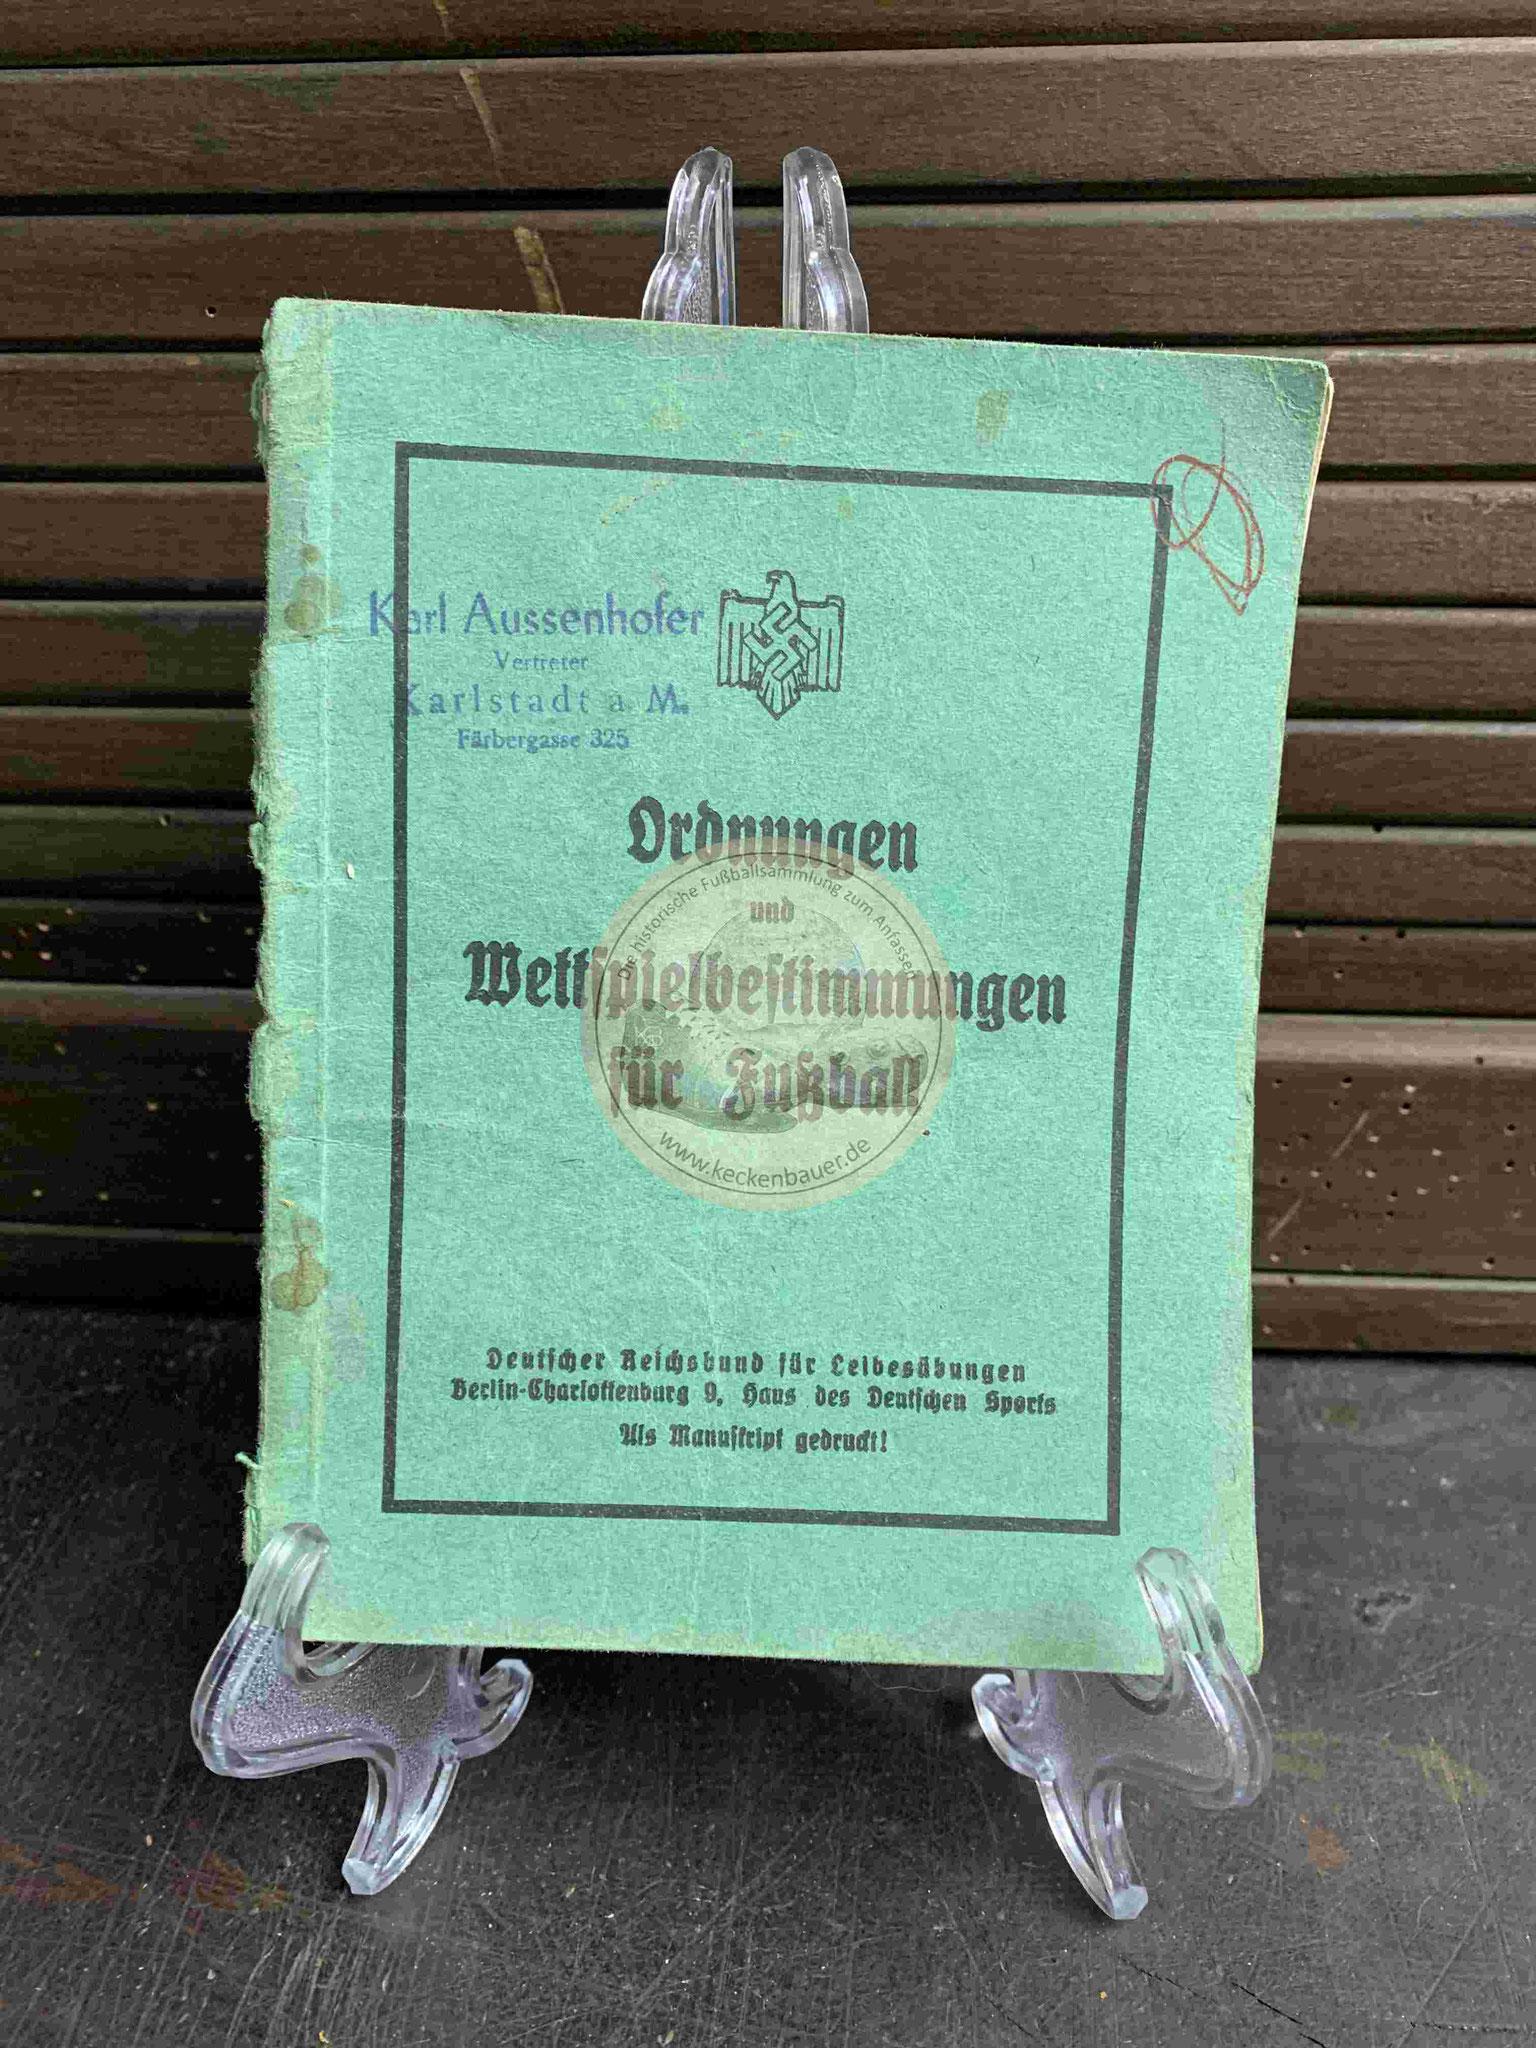 Ordnungen und Wettspielbestimmungen für Fußball aus dem Jahr 1936